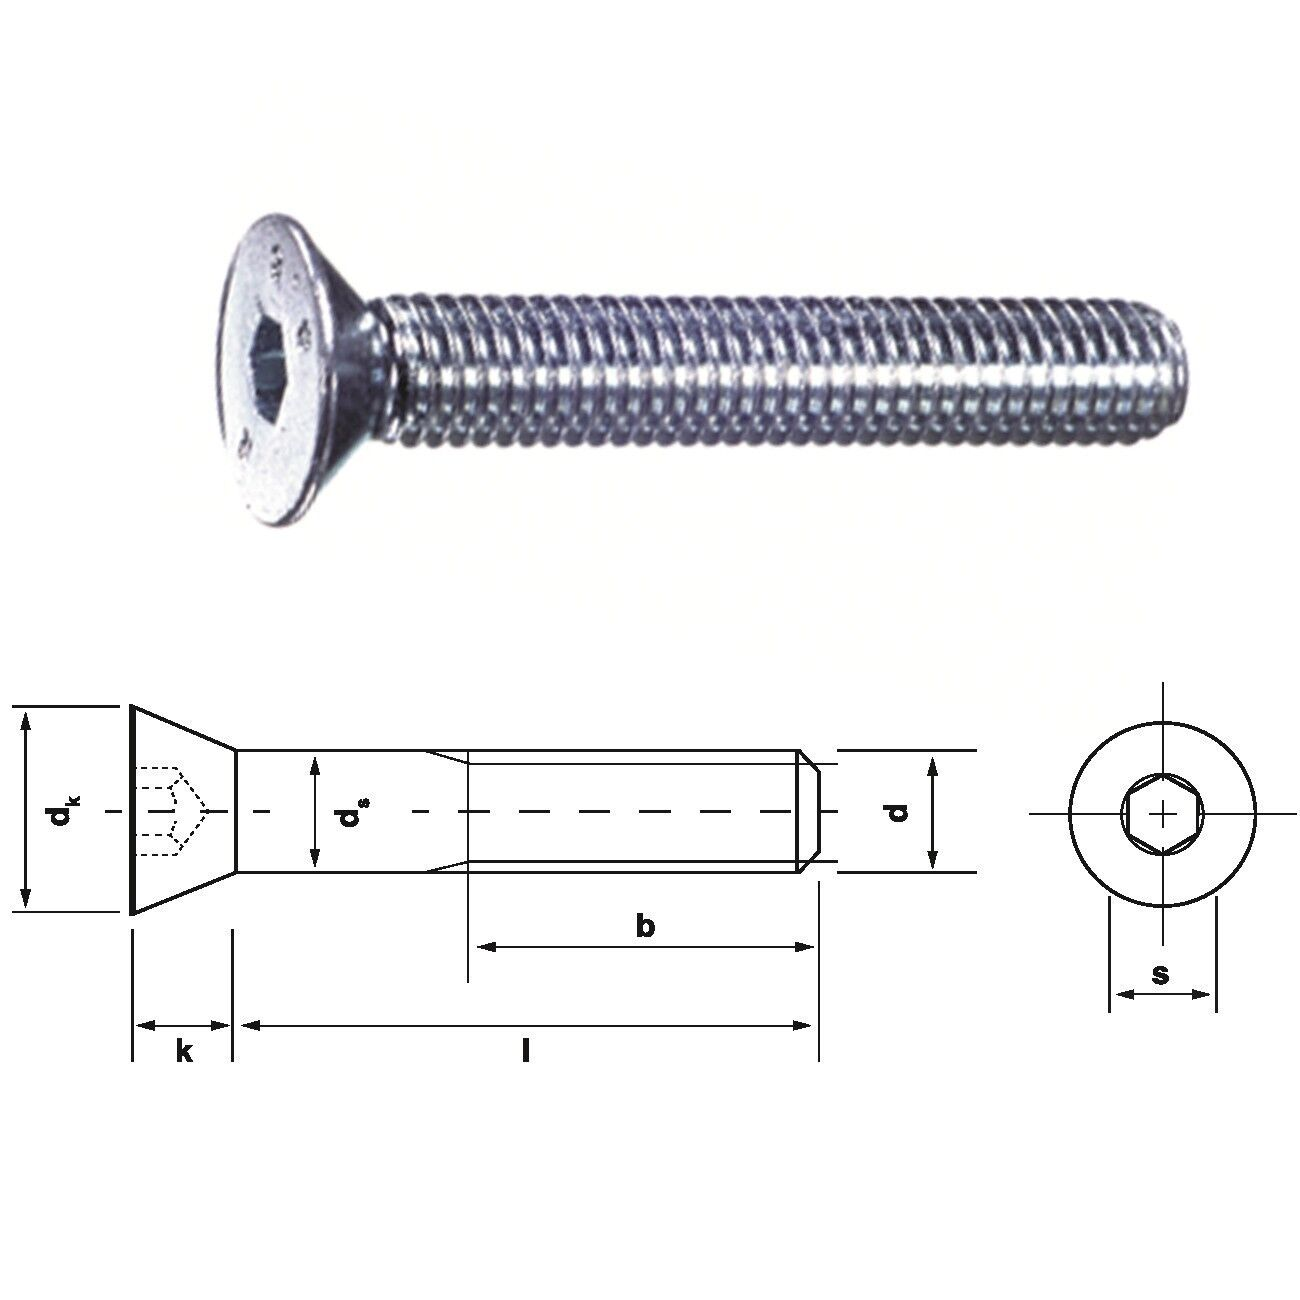 Senkkopfschraube mit Innensechskant 8.8 M 16 • M 20 DIN 7991 verzinkt